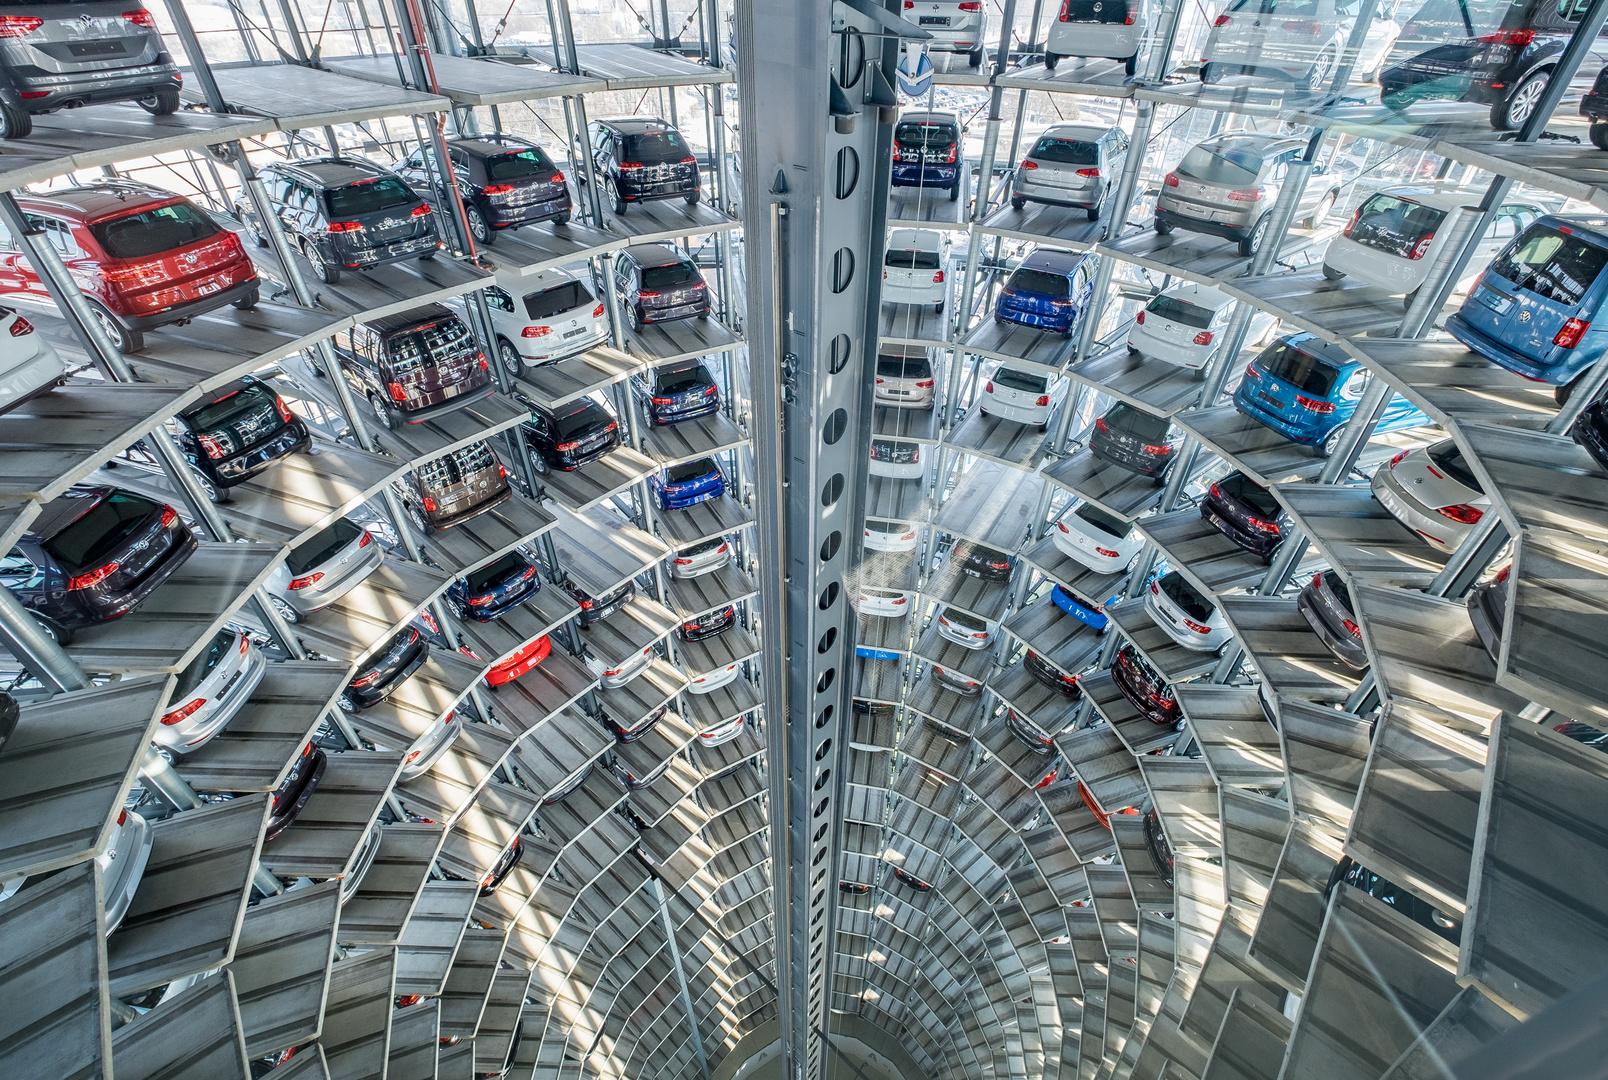 autoturm autostadt wolfsburg foto bild architektur t rme profanbauten bilder auf. Black Bedroom Furniture Sets. Home Design Ideas